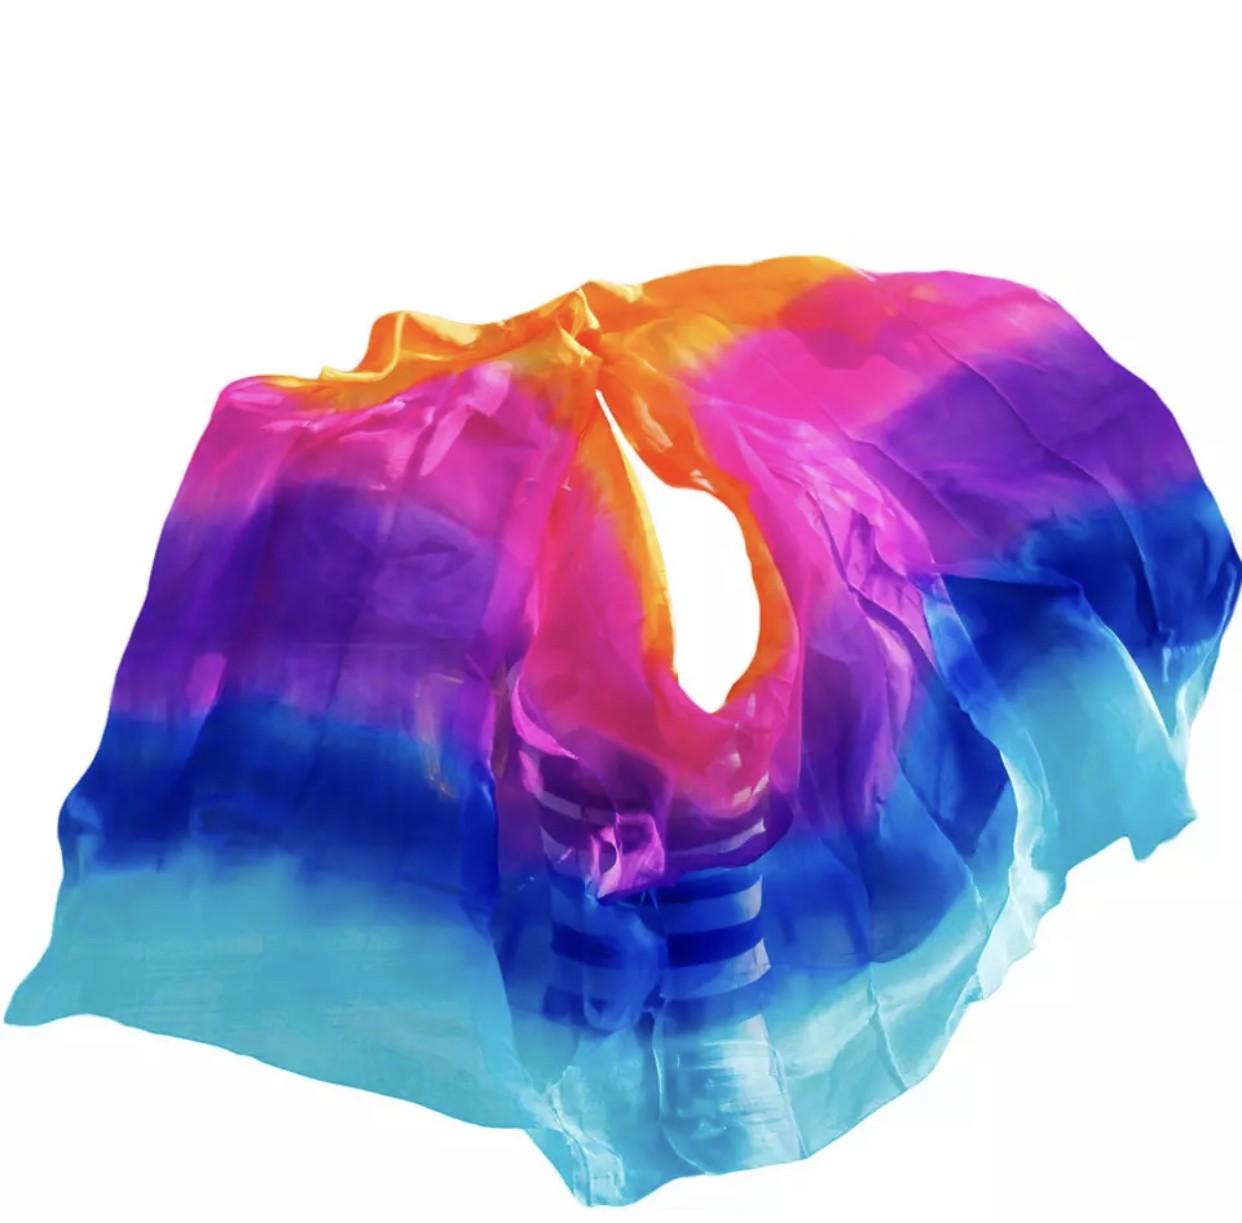 Véu colorido 5 cores